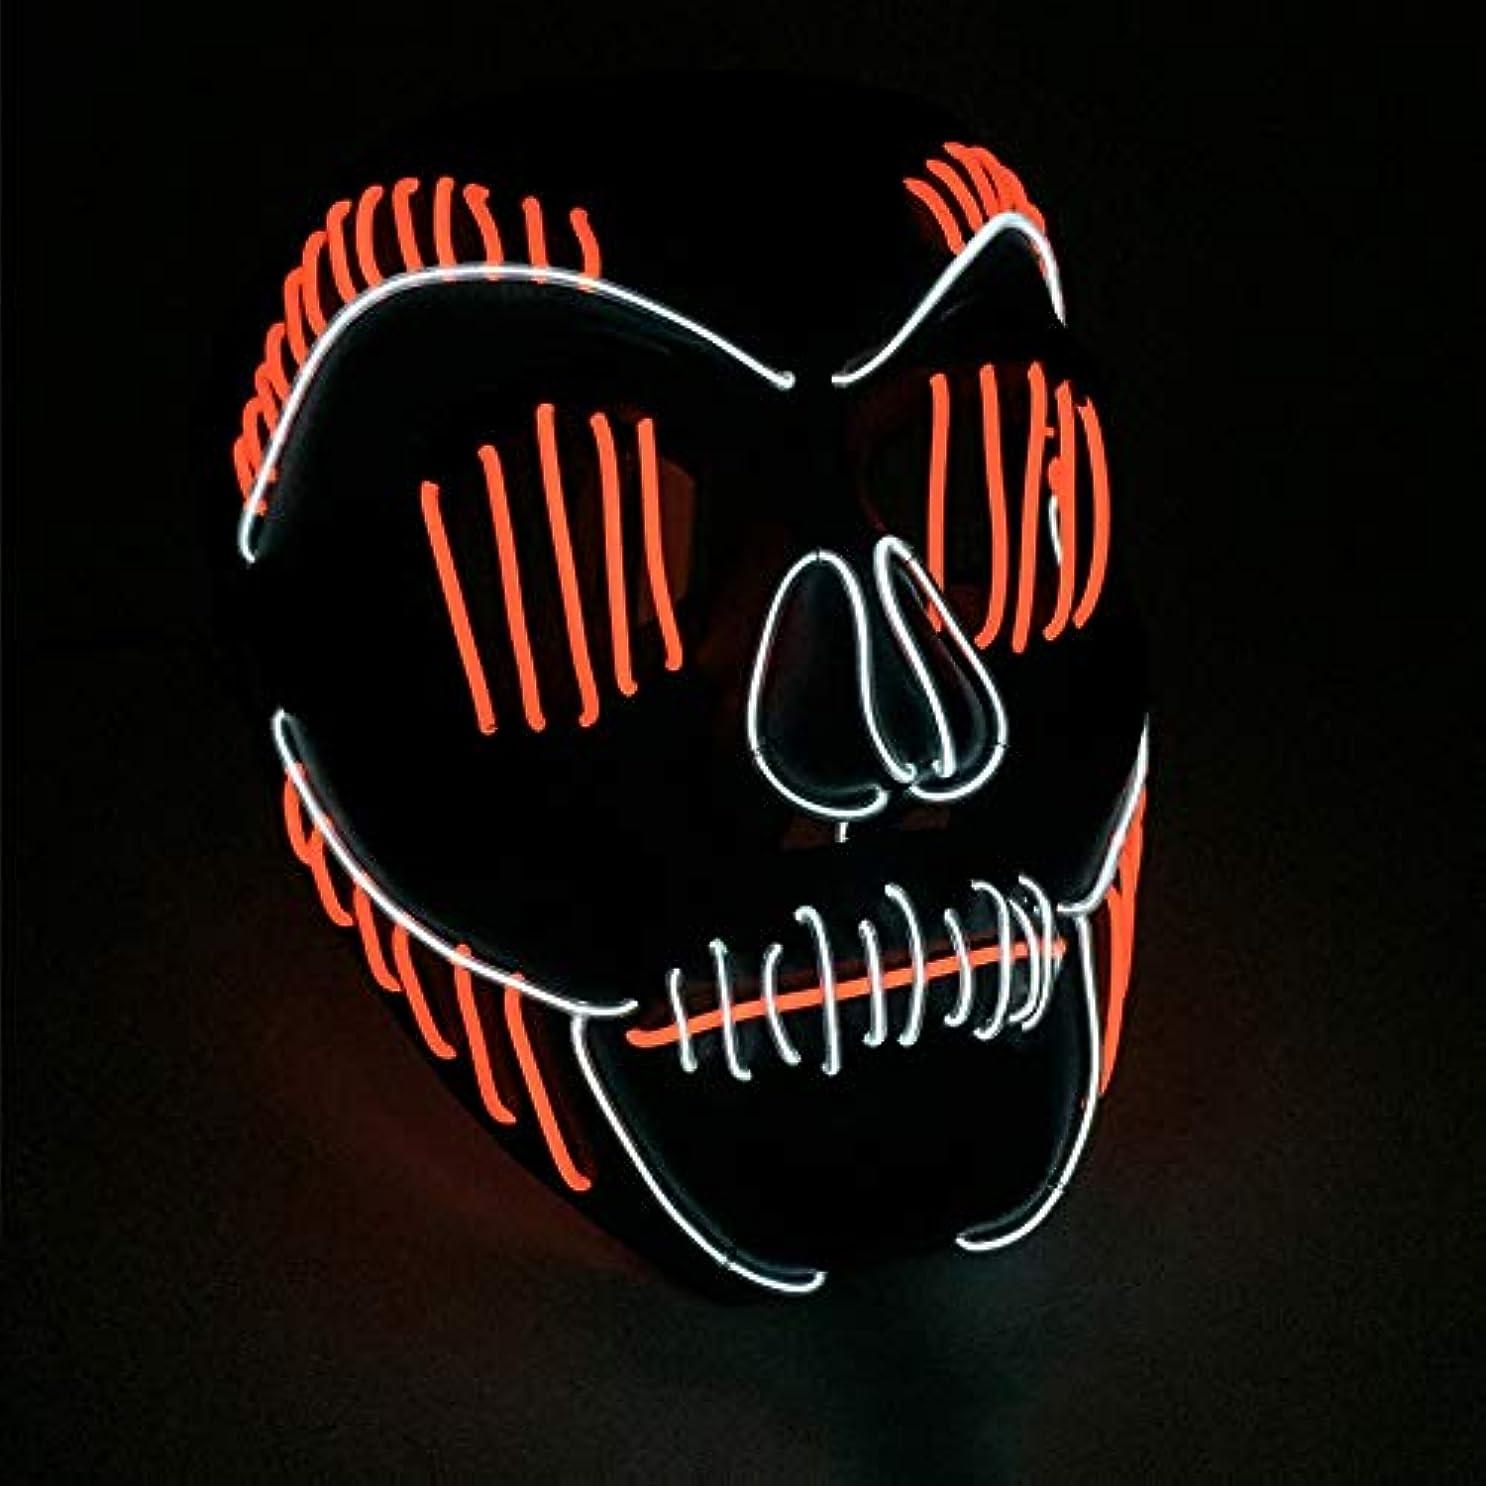 消化器皿議題小さなスリット口 かすかな イルミネーション LED マスク ハロウィン マスク ダンサー プロム パーティー ELワイヤー プロップ (18×18Cm) MAG.AL